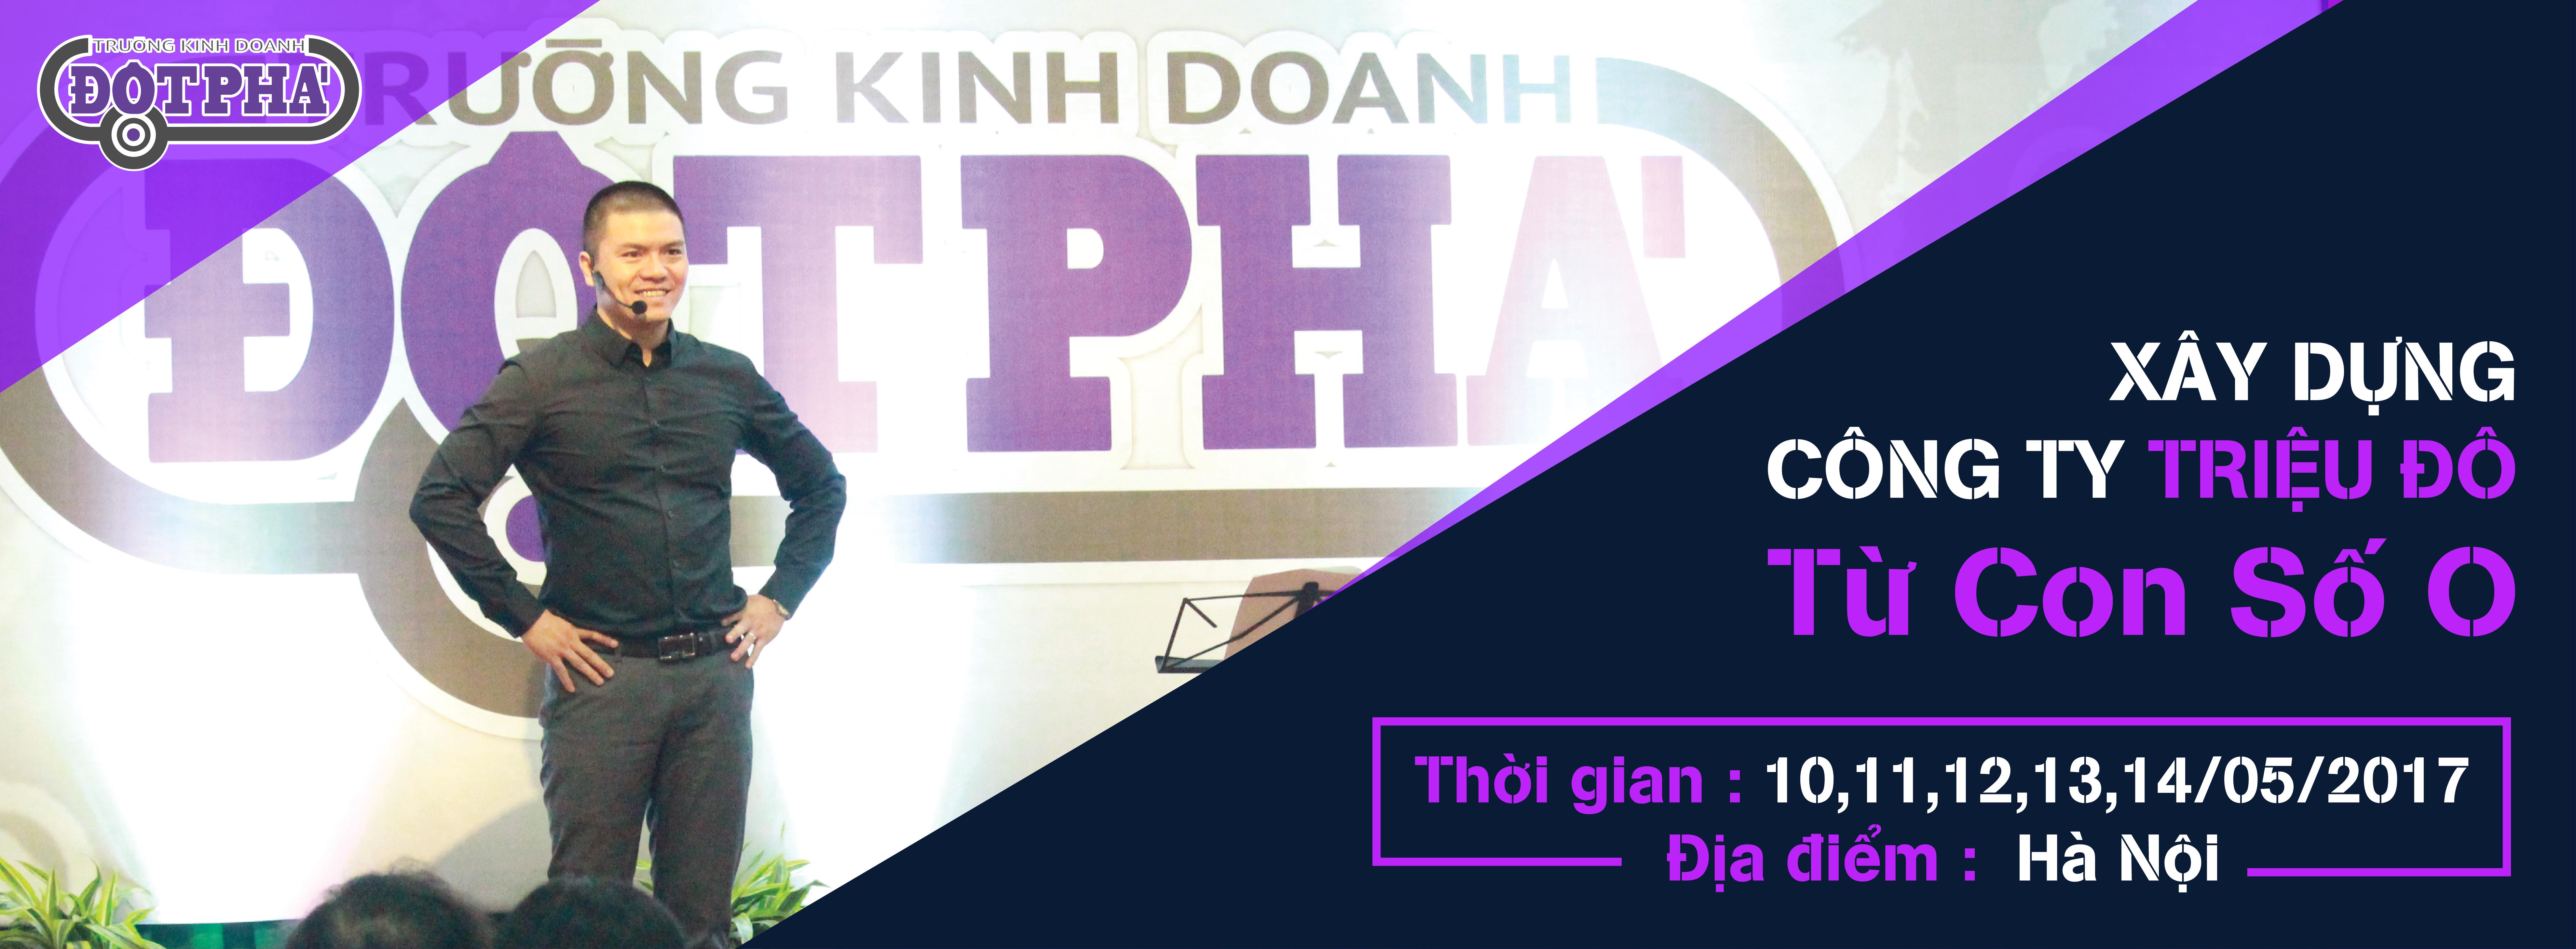 """Thông báo địa điểm tổ chức khóa học """"TRƯỜNG KINH DOANH ĐỘT PHÁ"""" tháng 5 tại Hà Nội"""